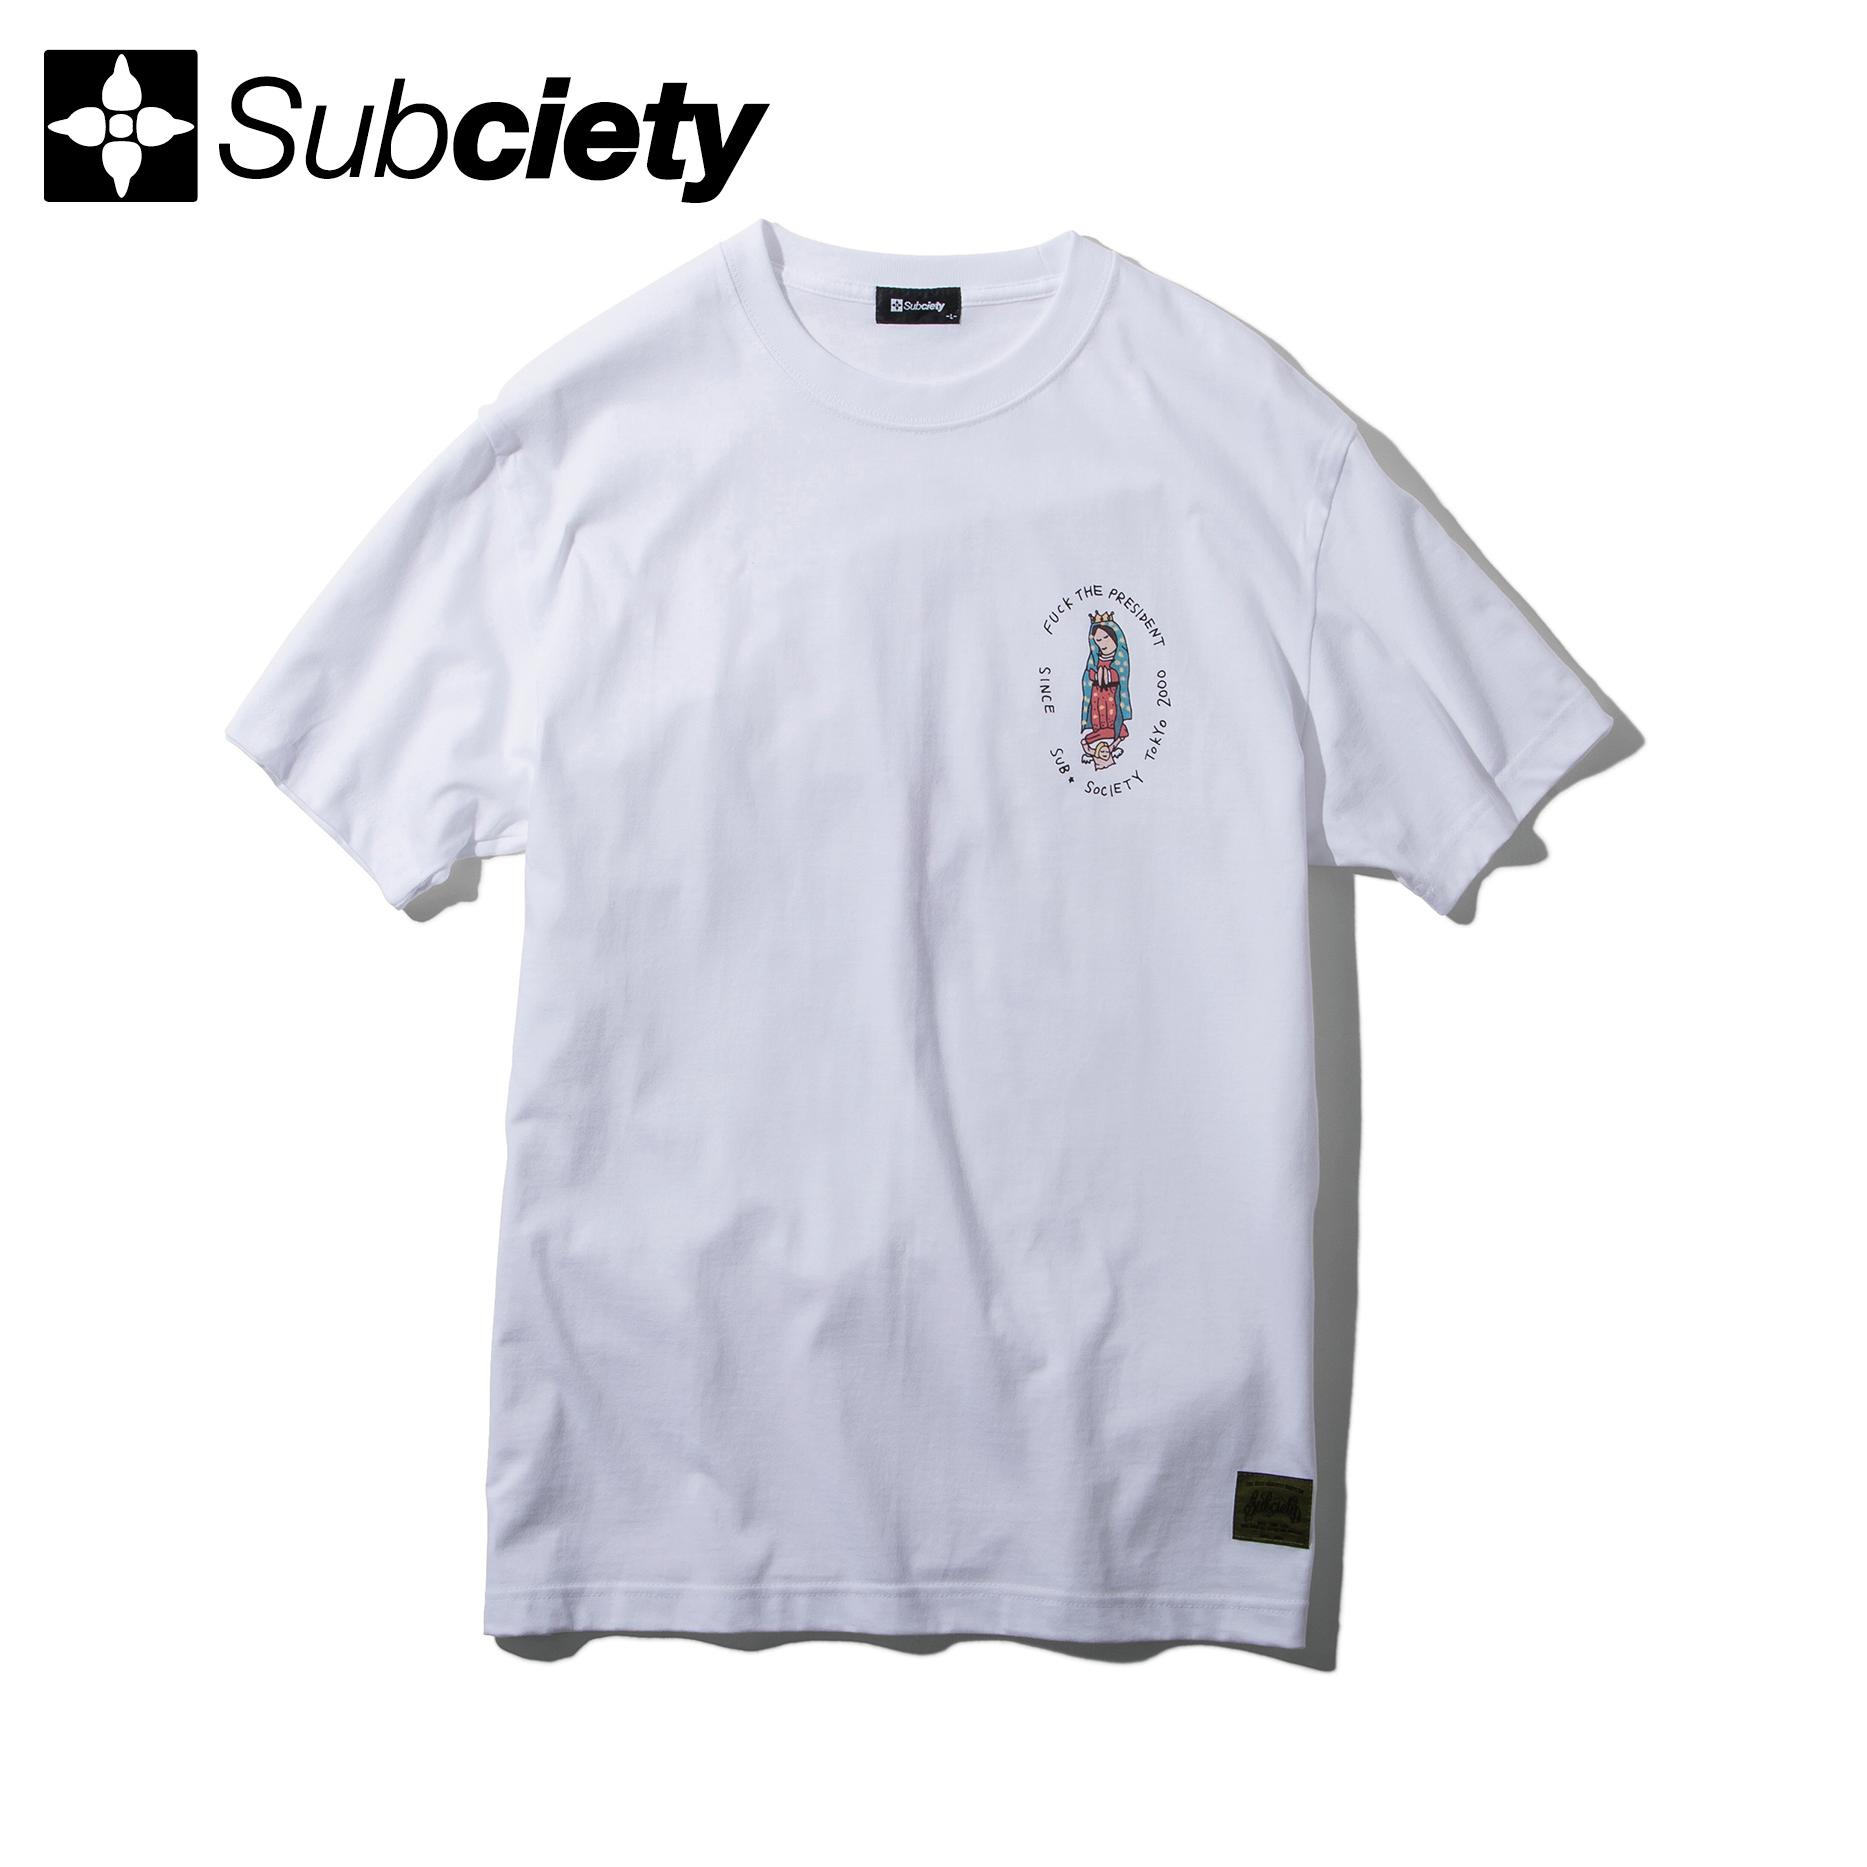 Subciety(サブサエティ) | Dear president S/S (White)